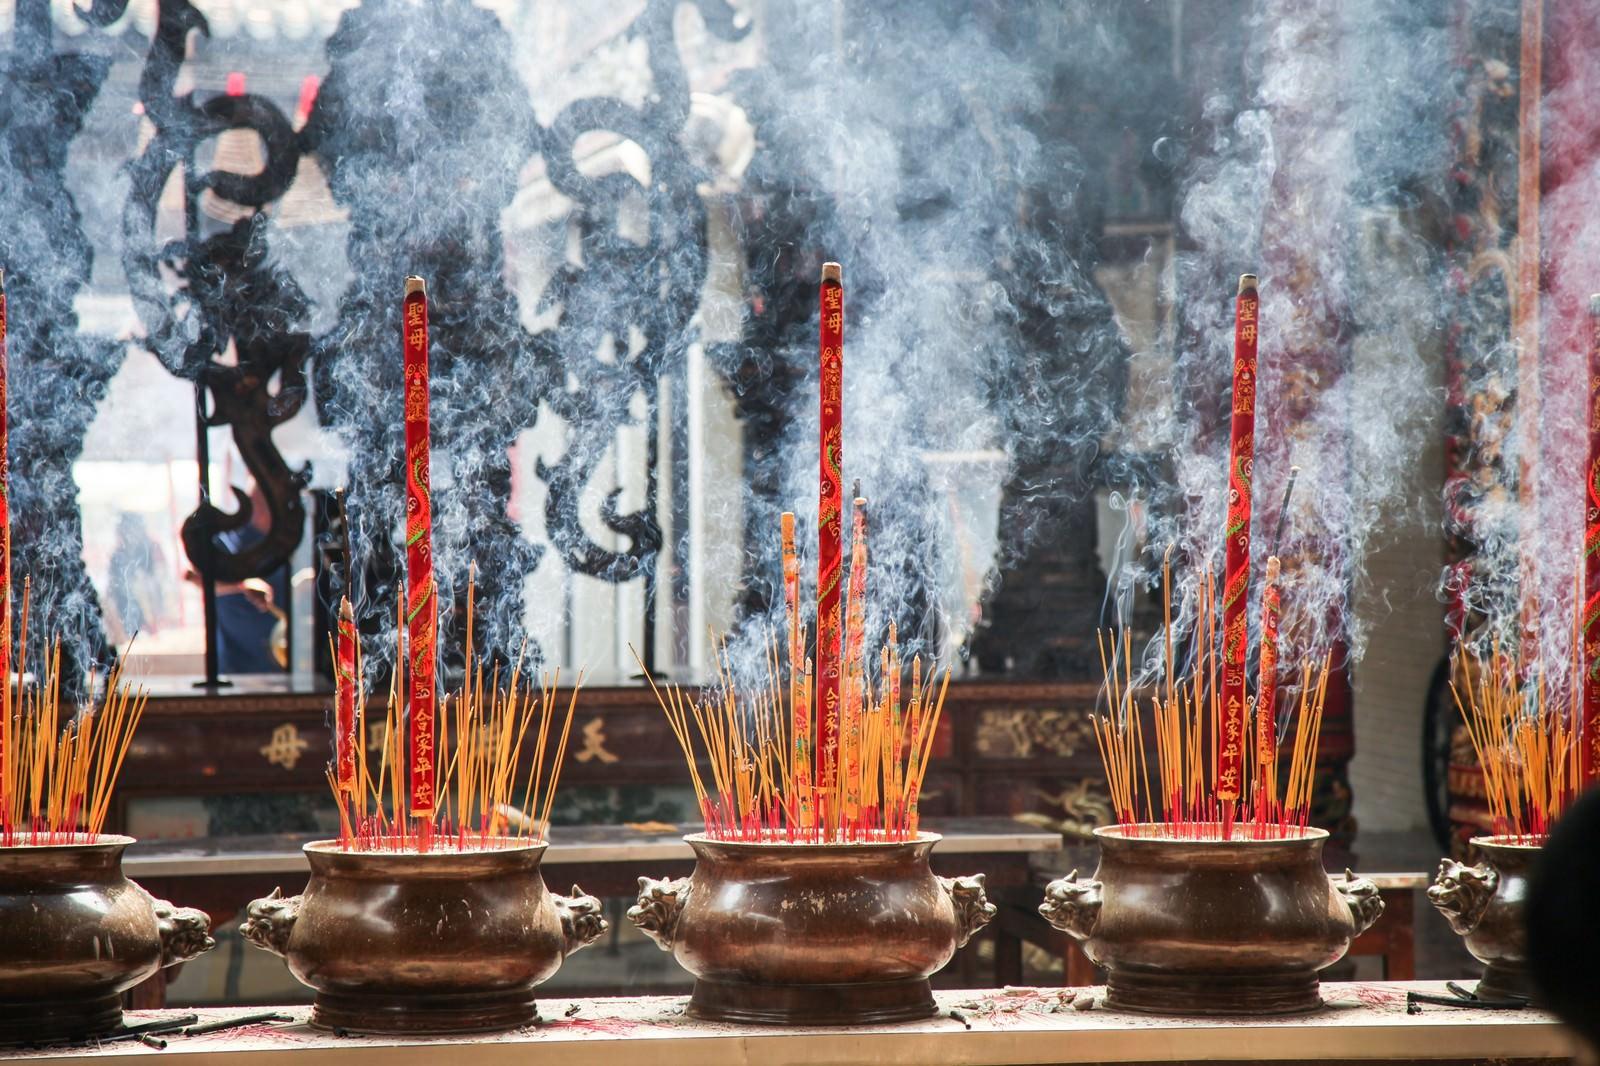 「天后宮(ティエンハウ廟)の線香と煙」の写真